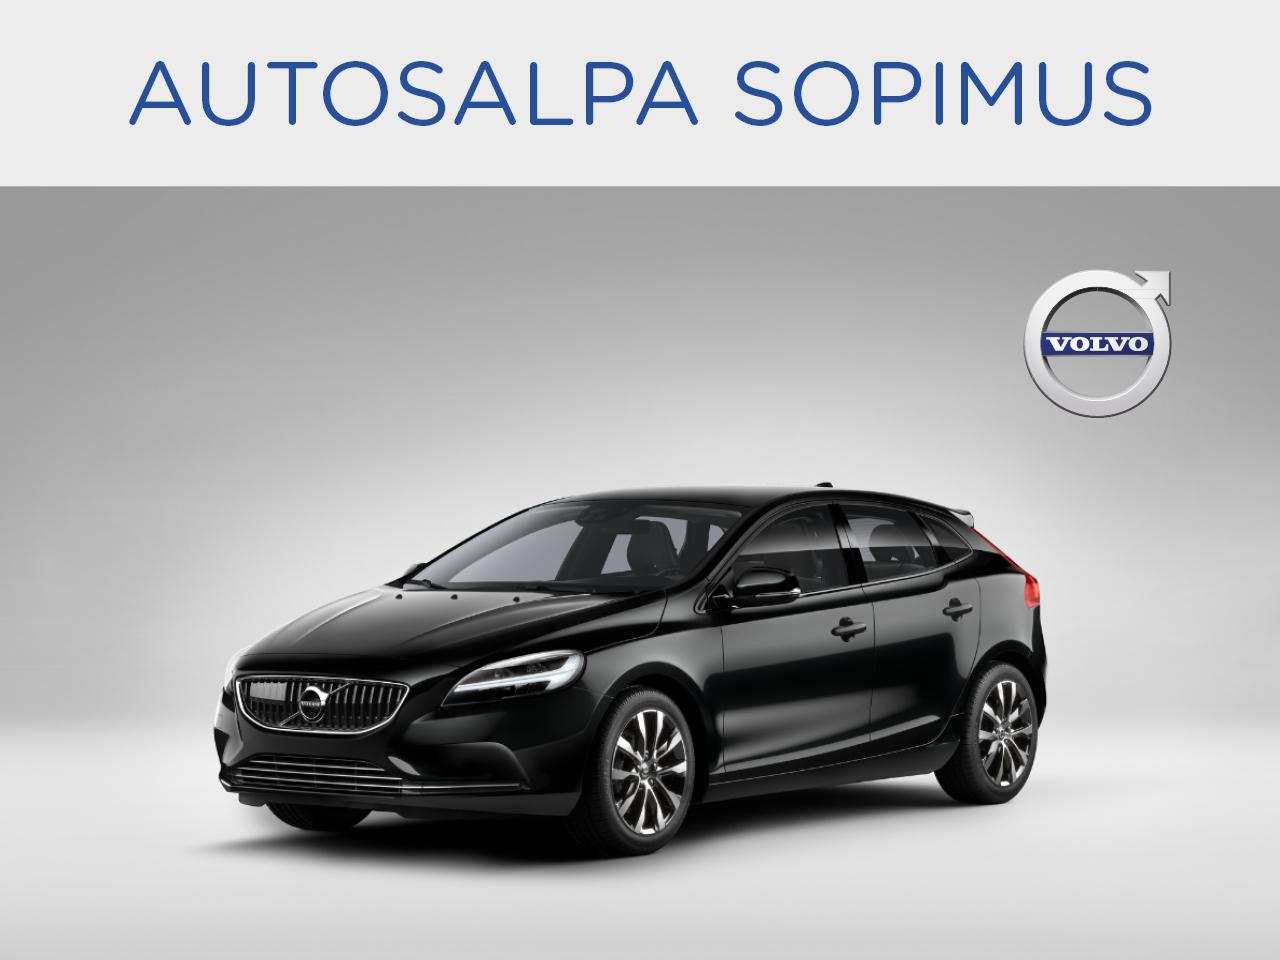 Autosalpa Sopimus: Volvo V40 399 € / kk